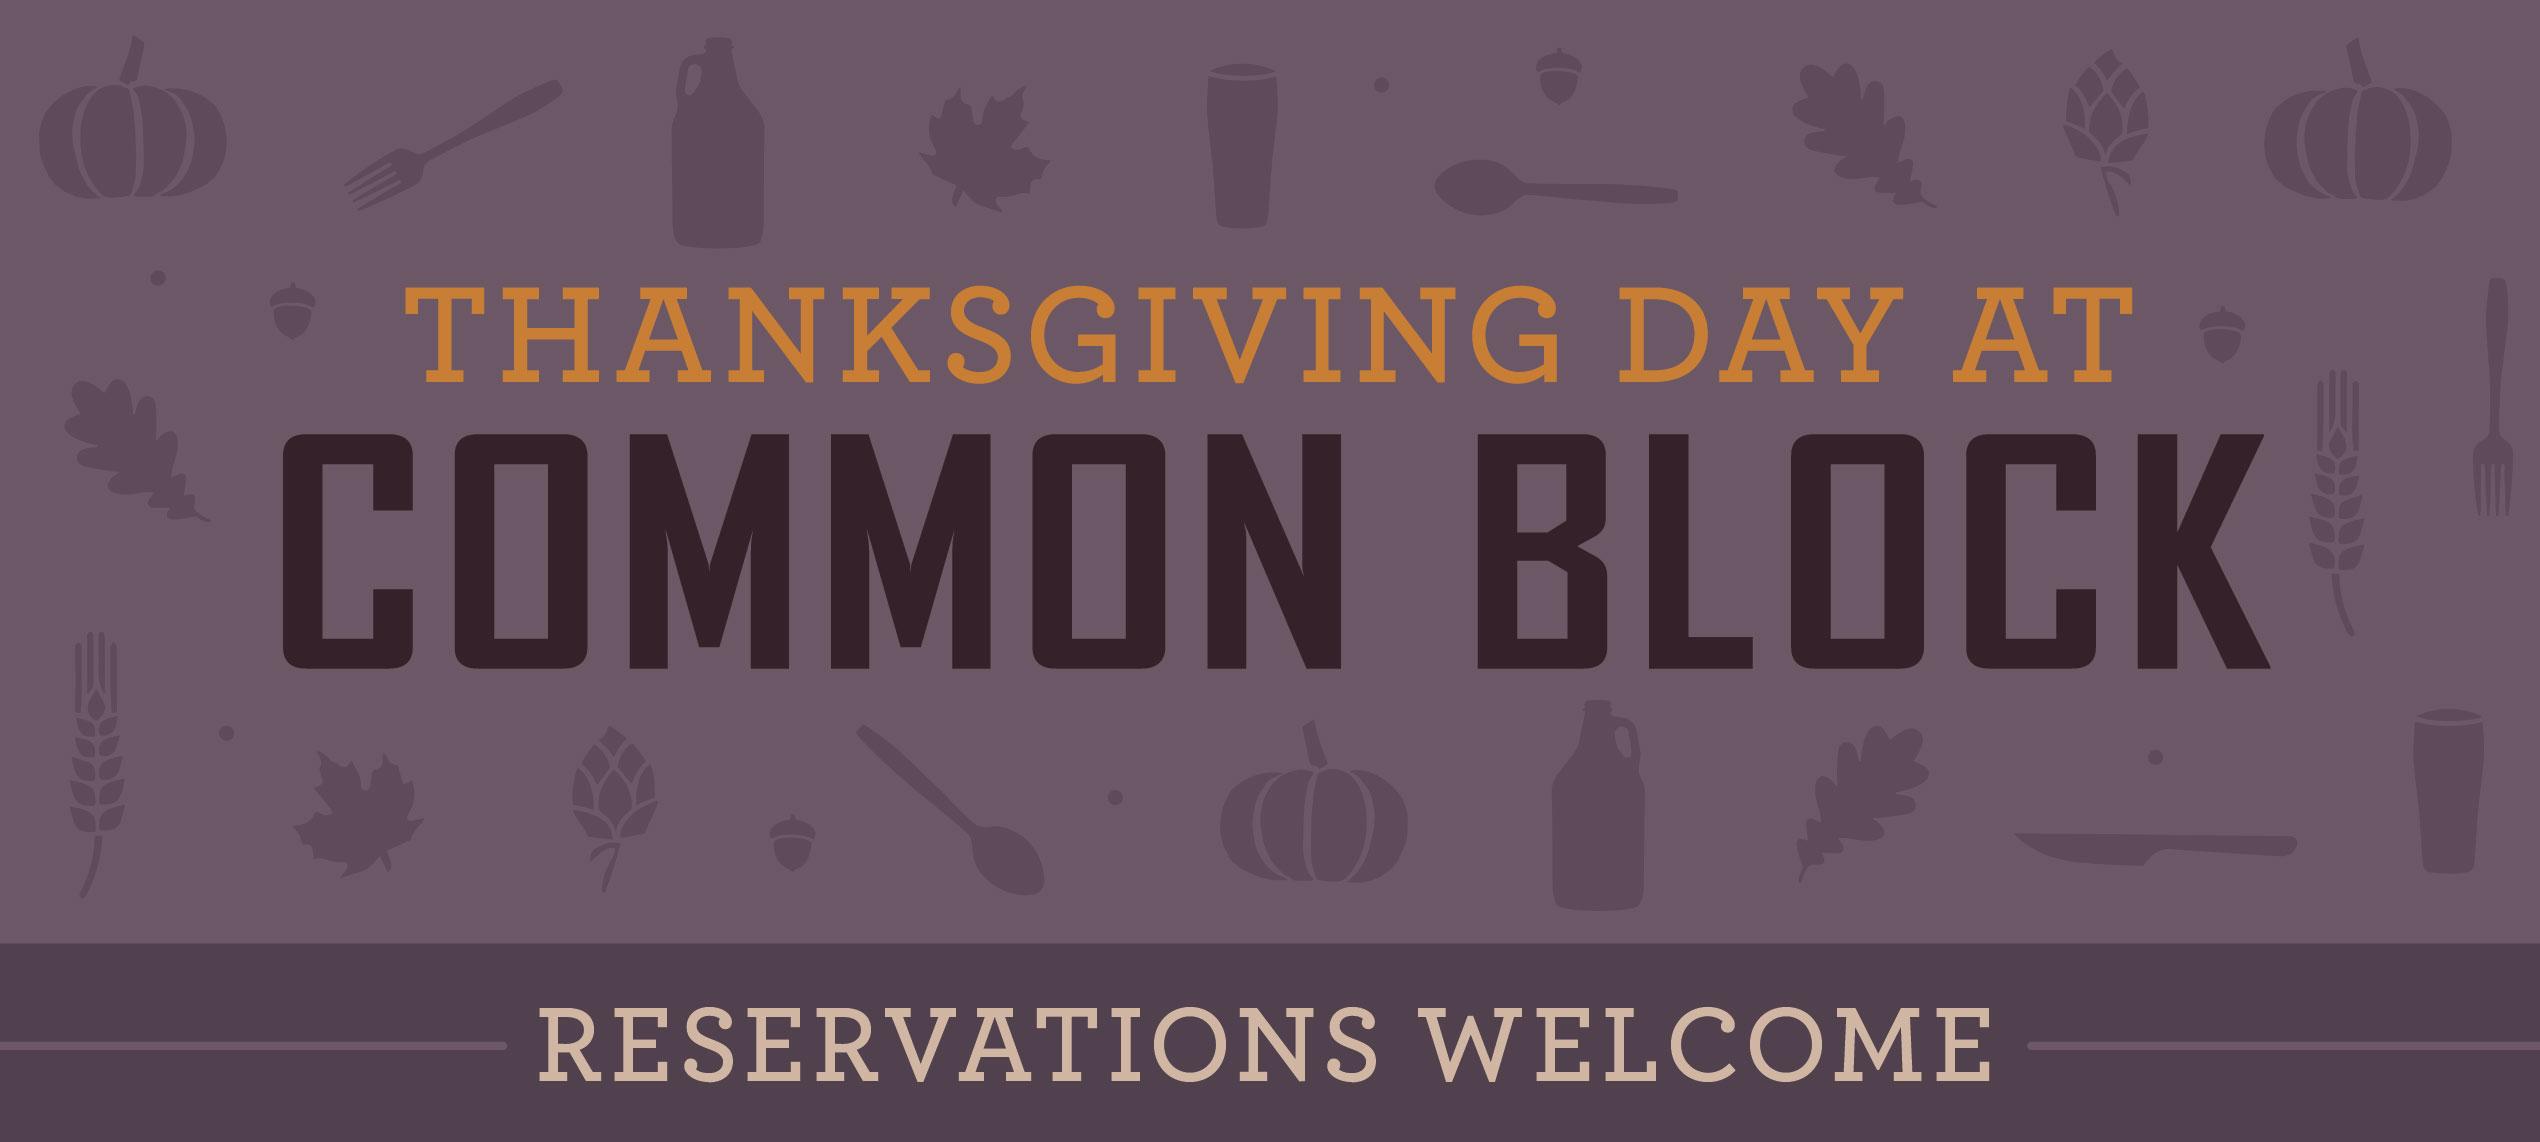 thanksgiving restaurant medford